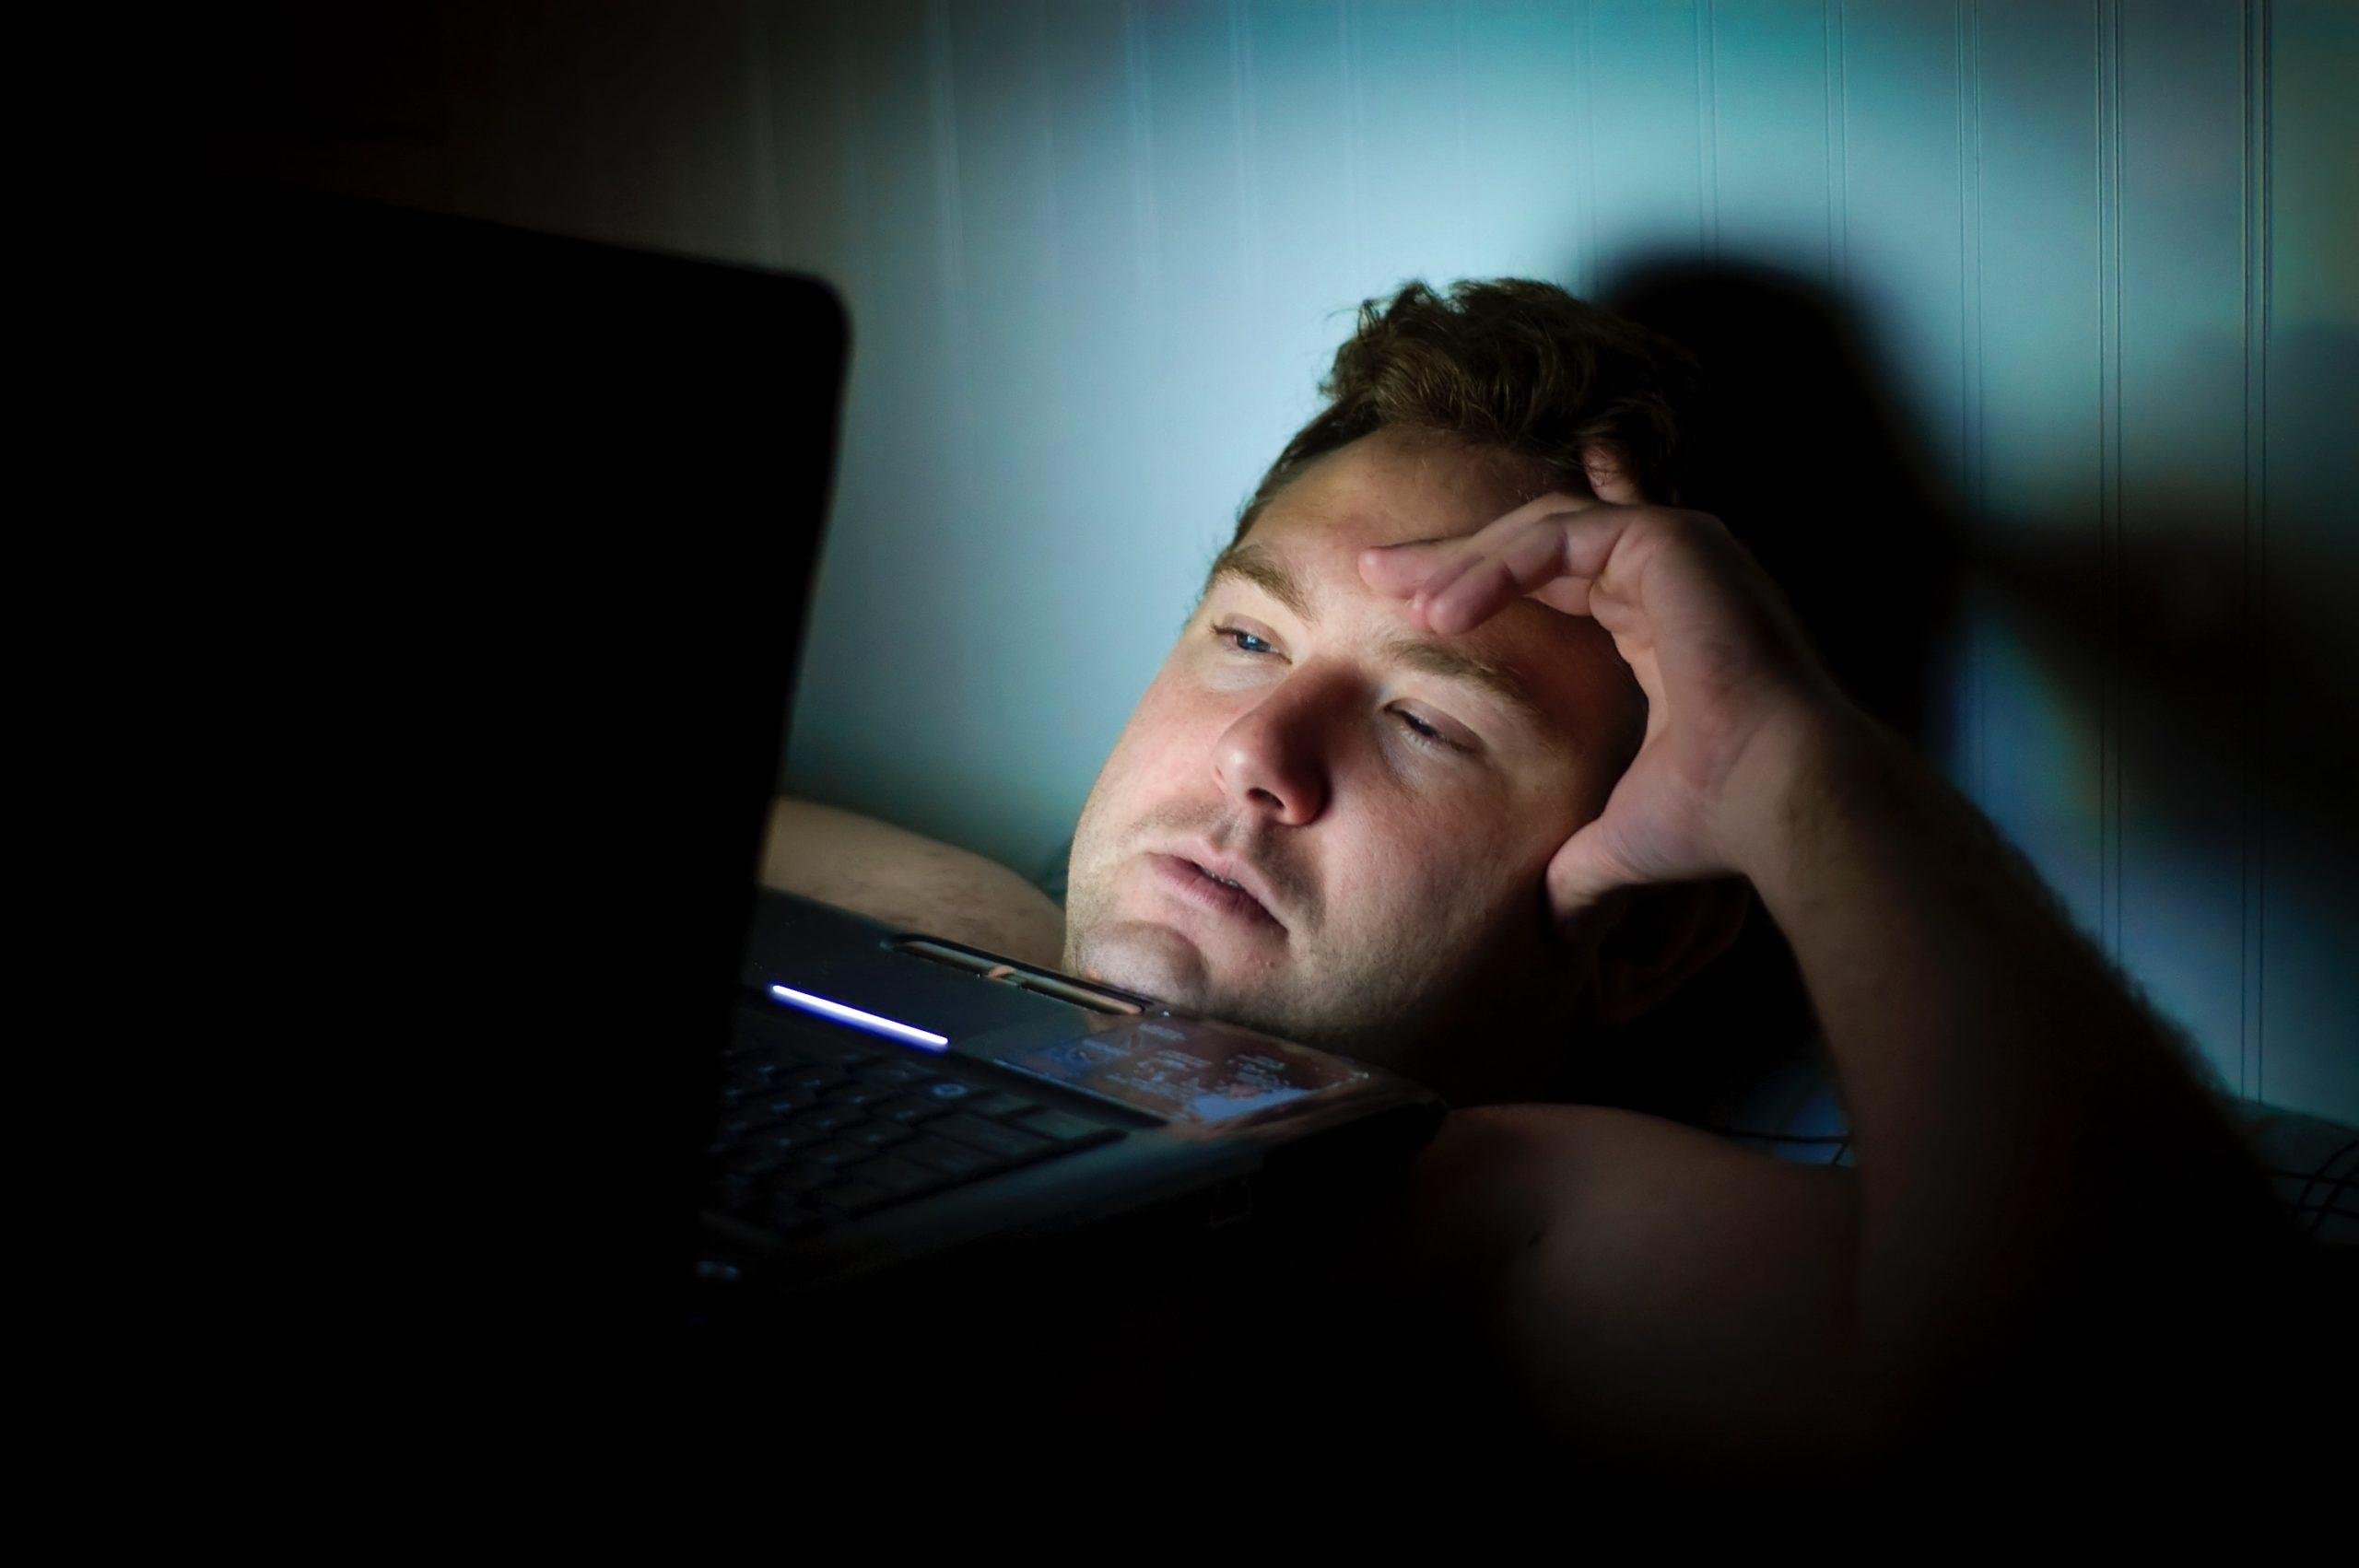 パソコンをみる男